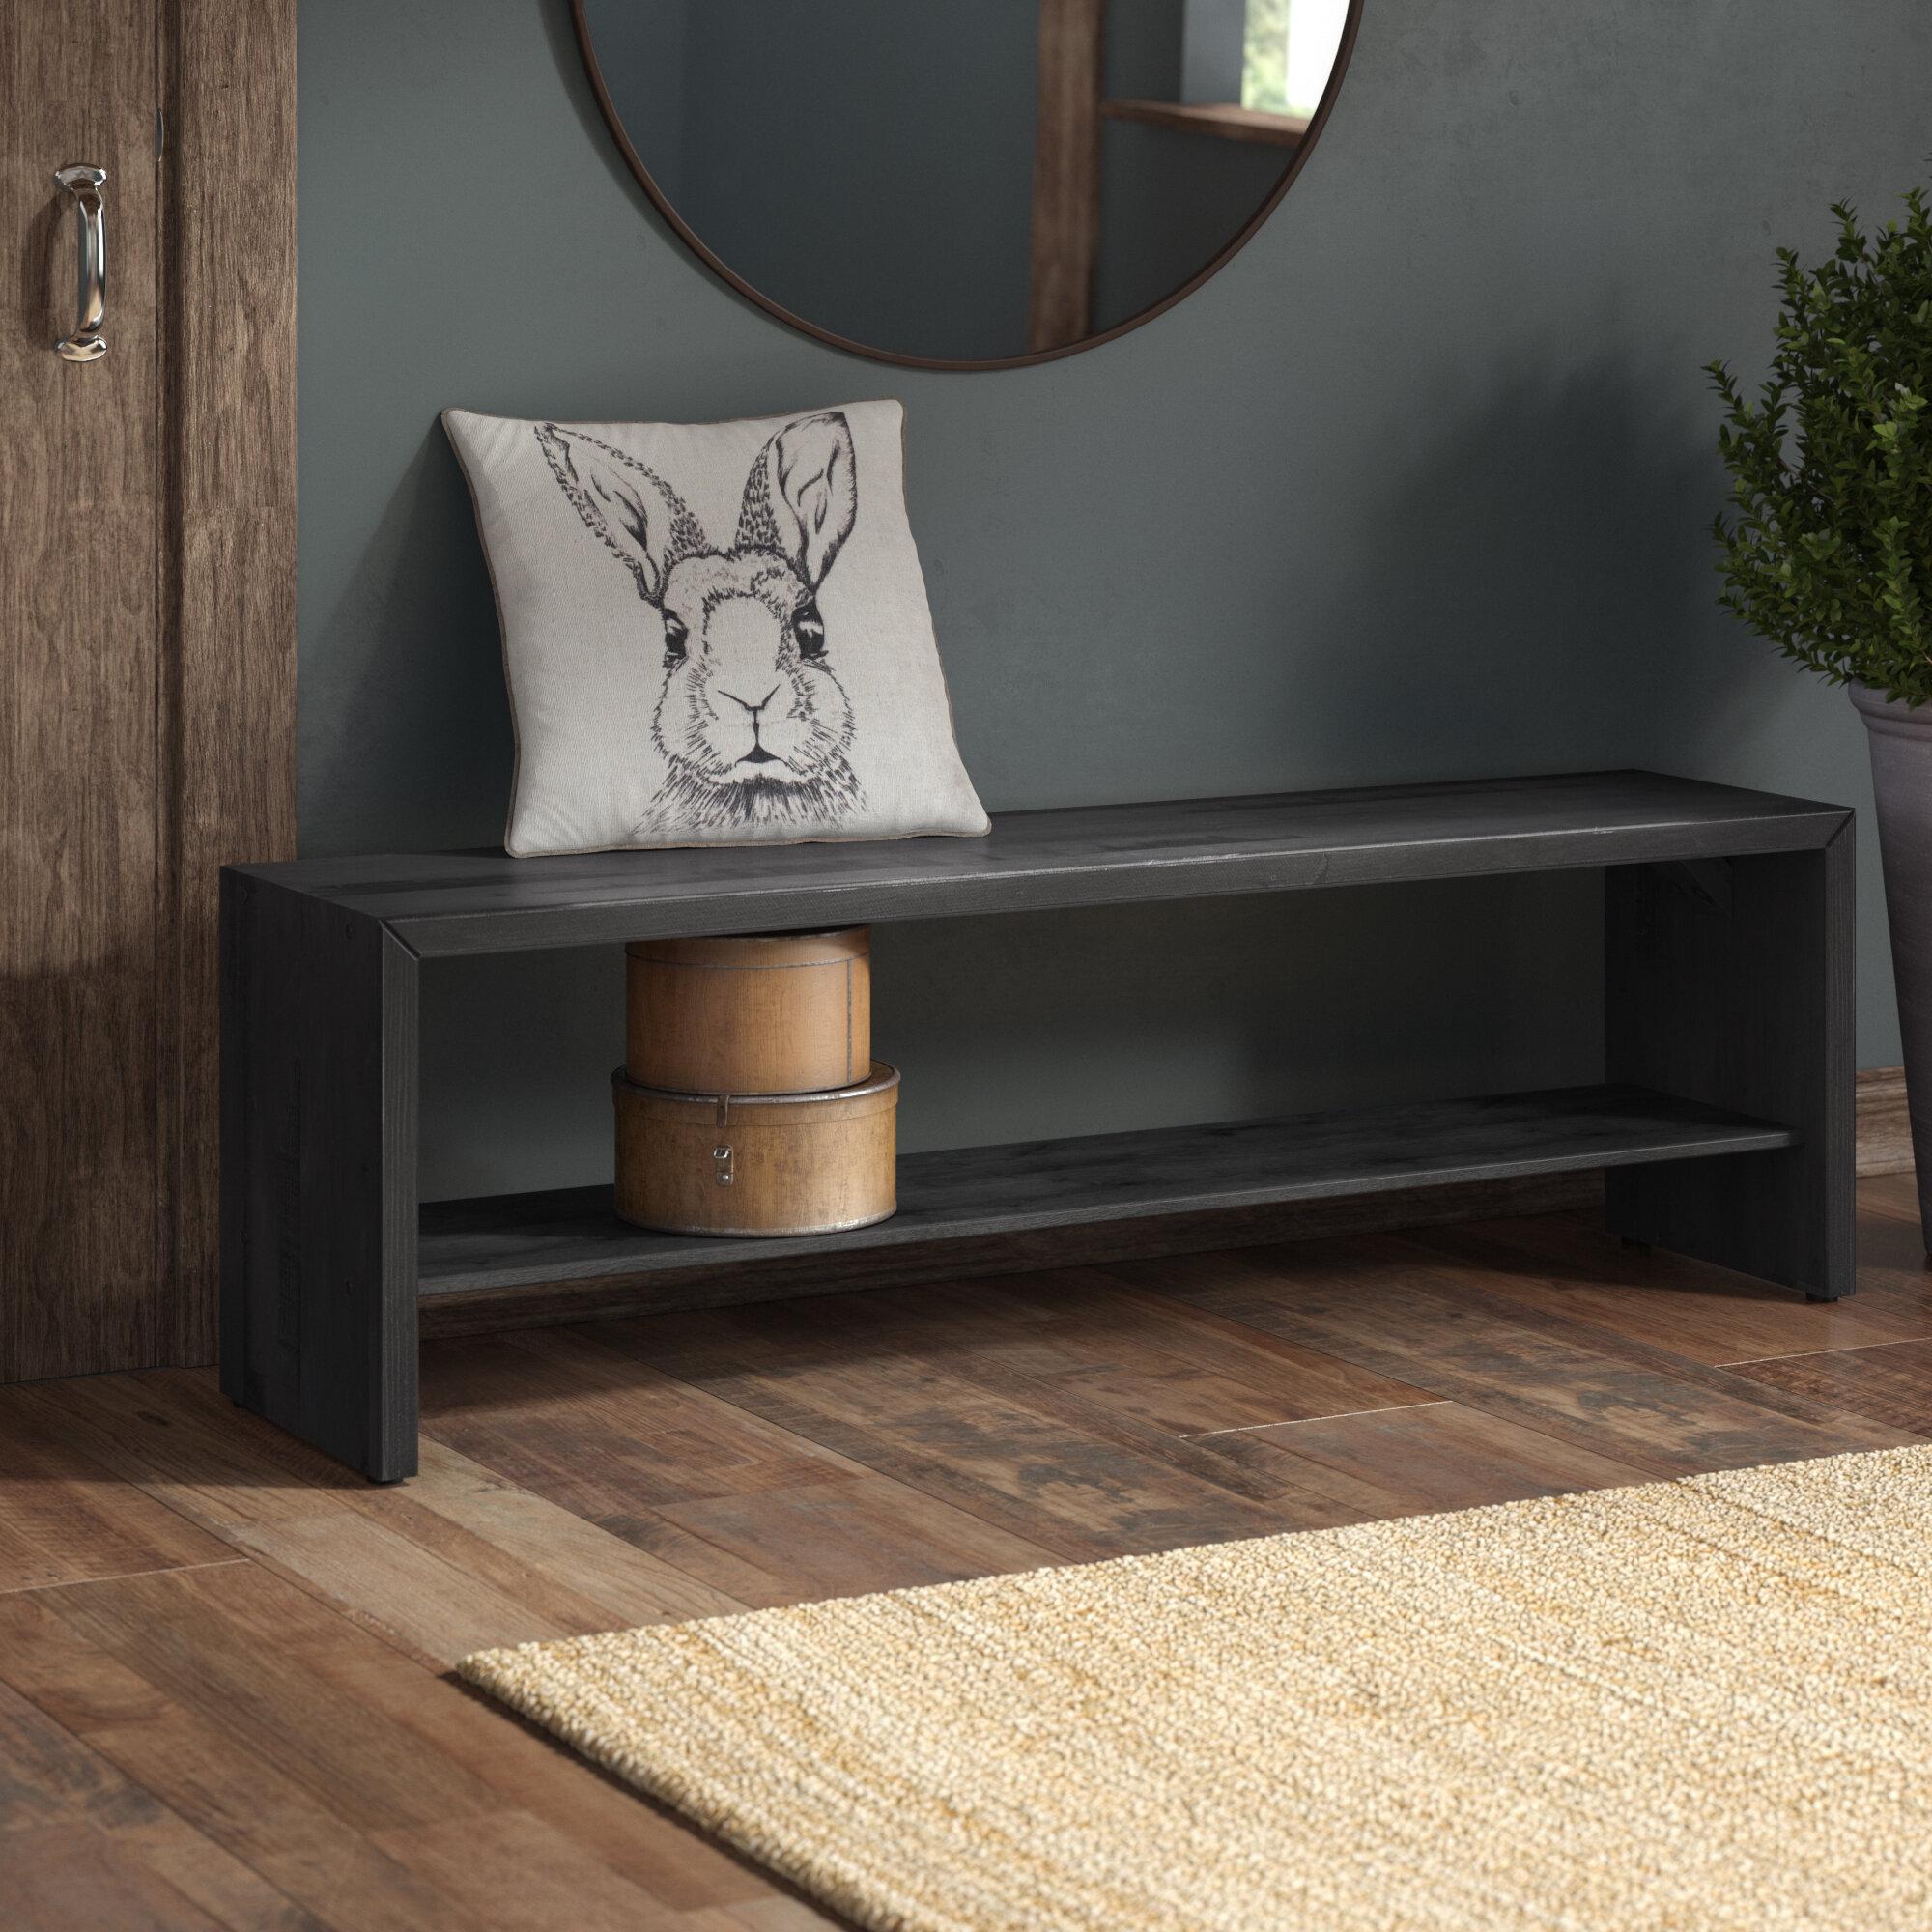 Loon Peak Arocho Rustic Solid Reclaimed Wood Storage Bench Reviews Wayfair